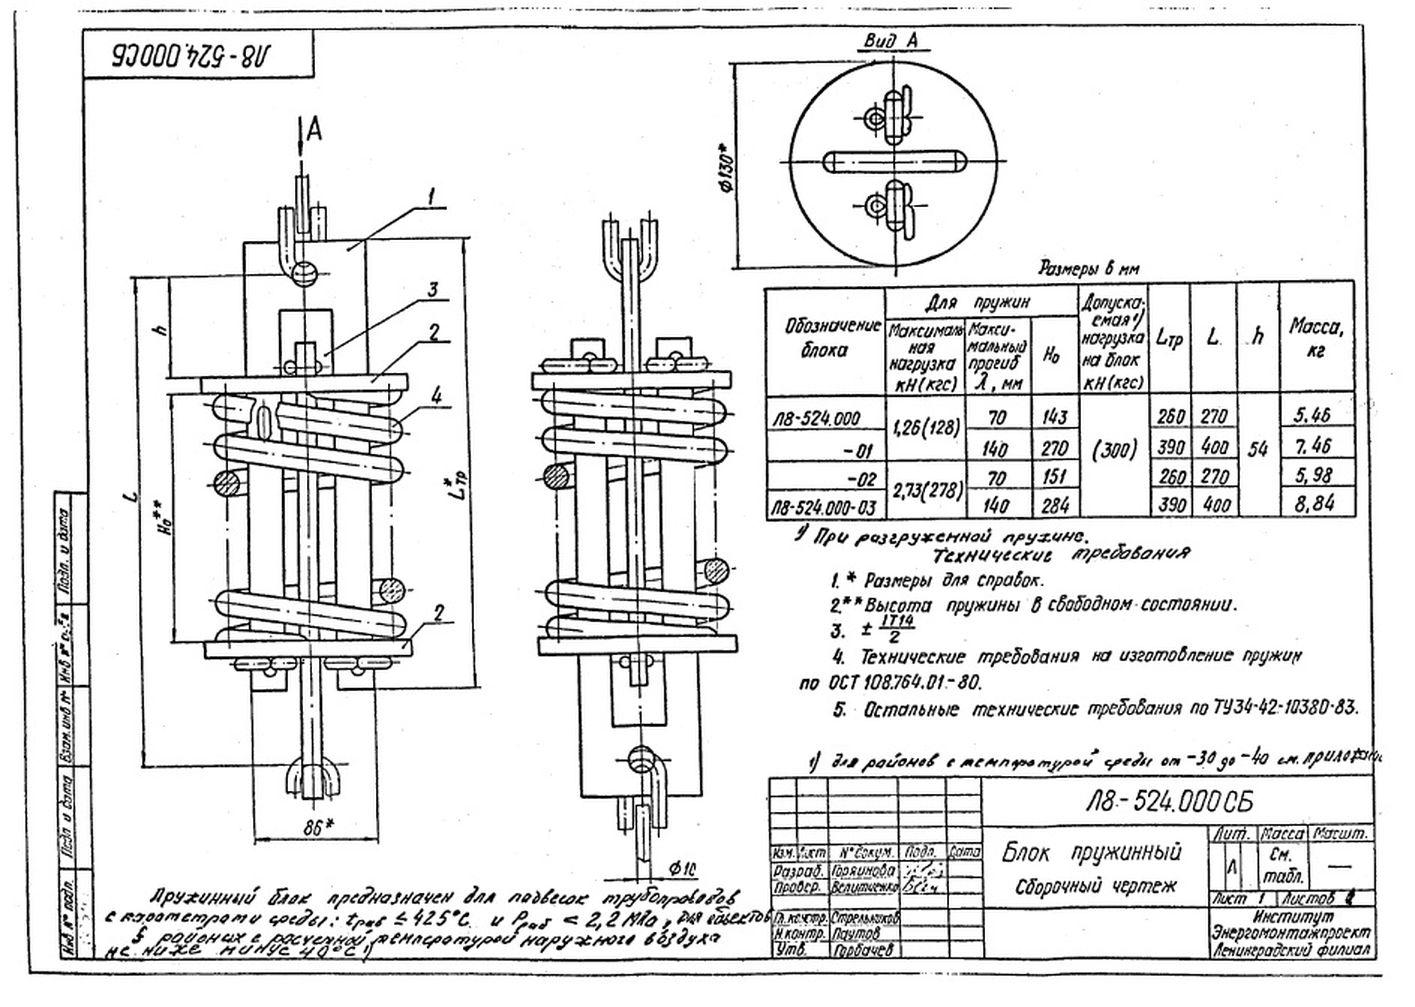 Блоки пружин Л8-524.000 стр.1